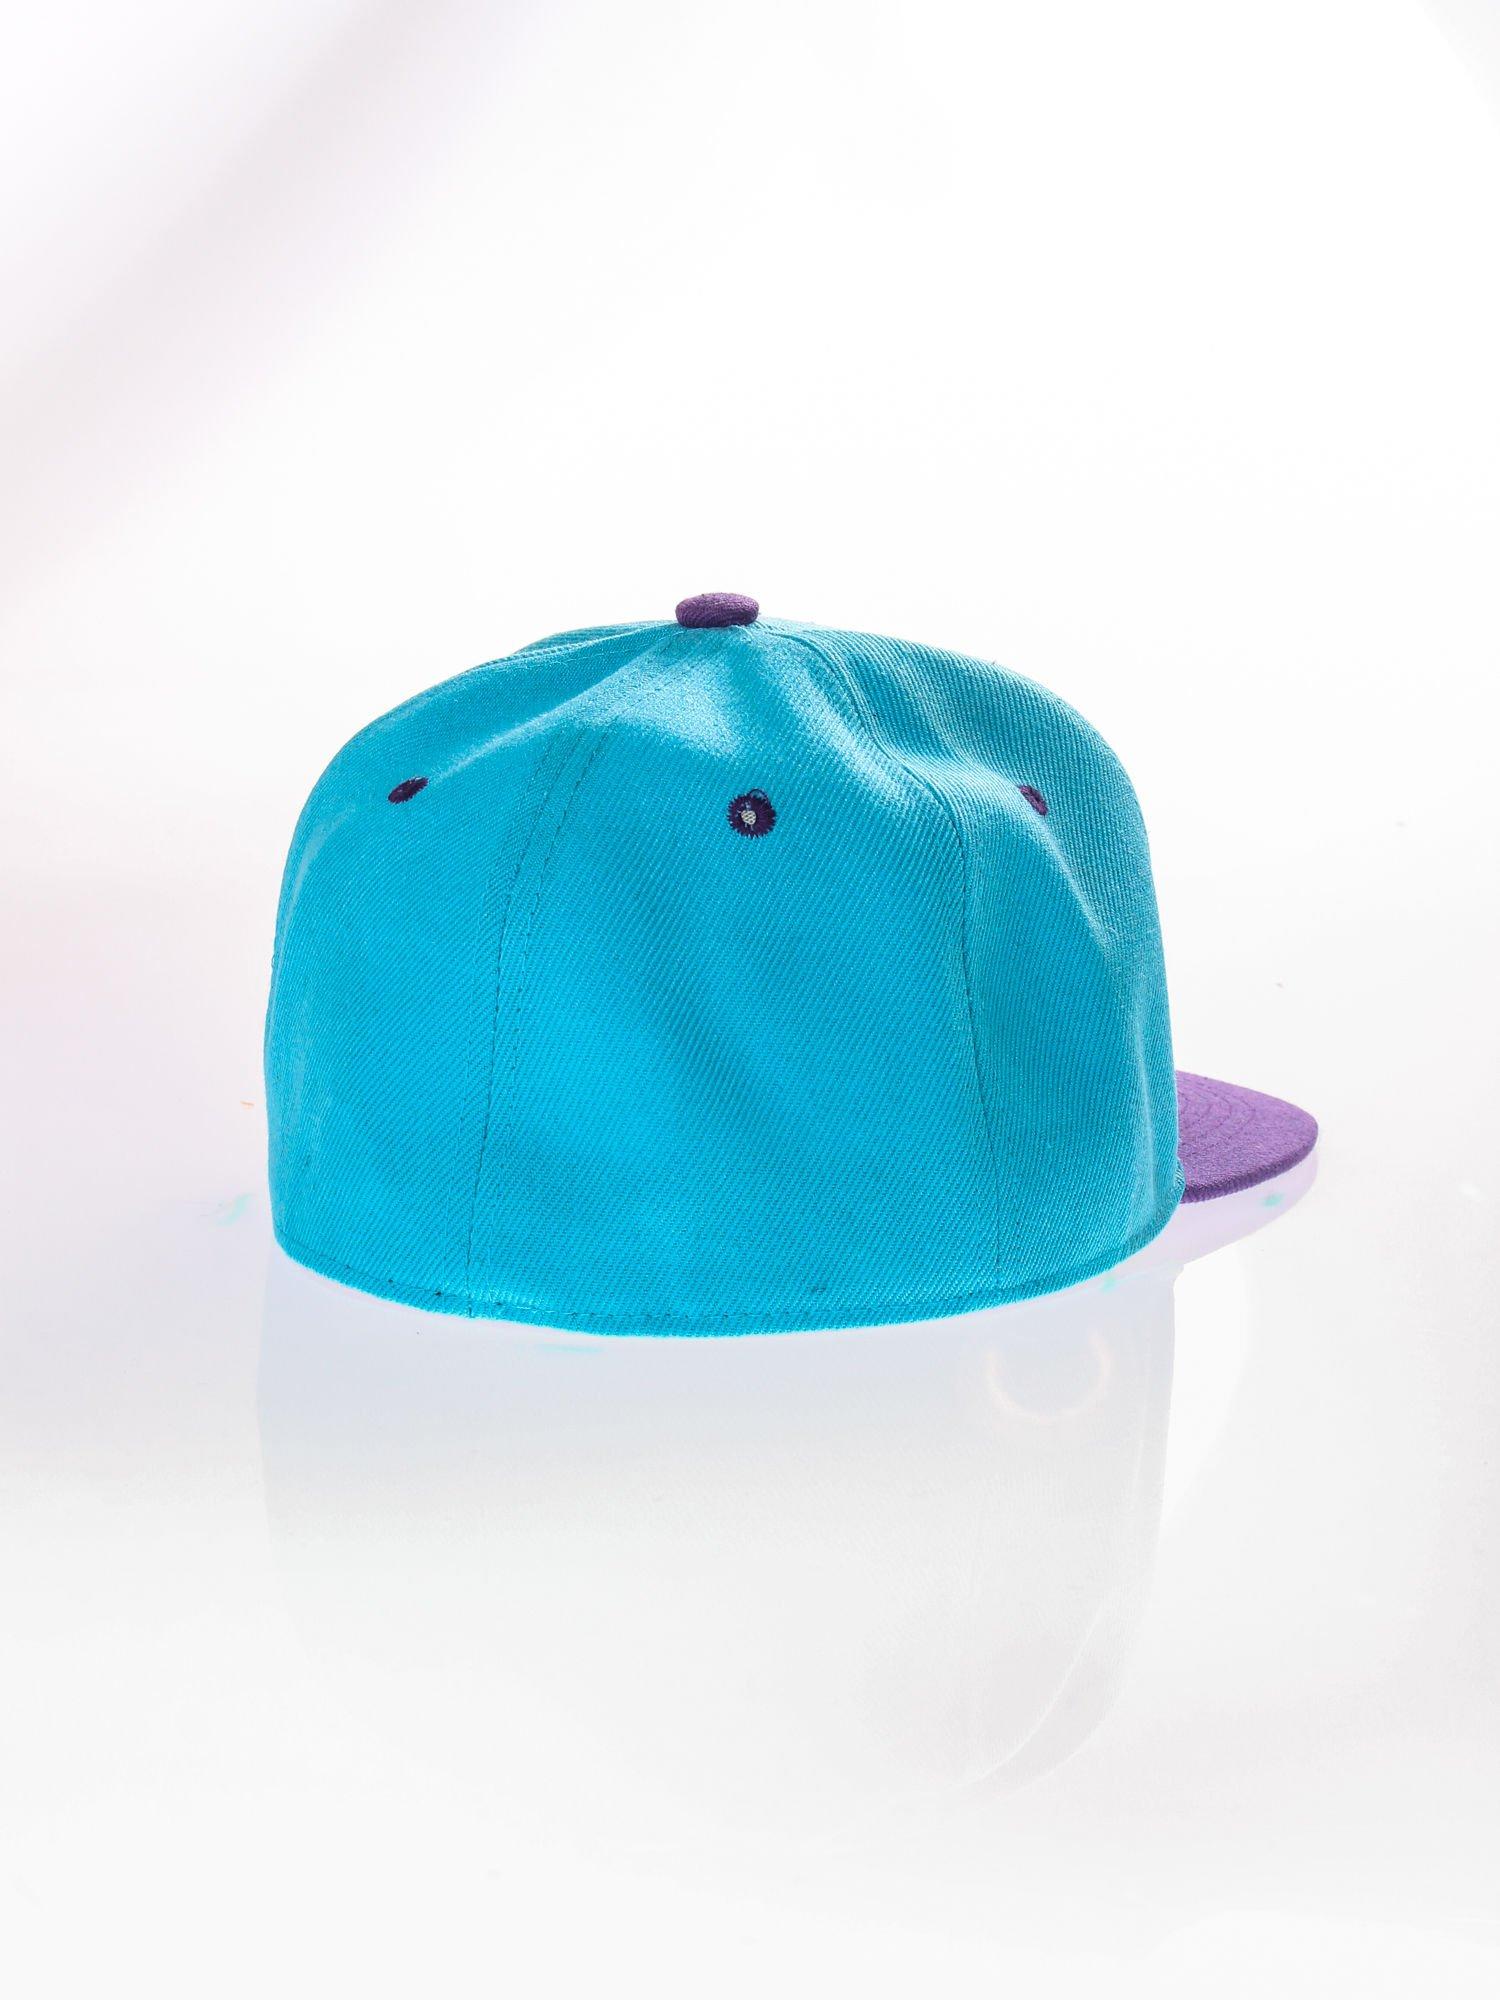 Jasnoniebieska czapka z daszkiem fullcap                                  zdj.                                  4